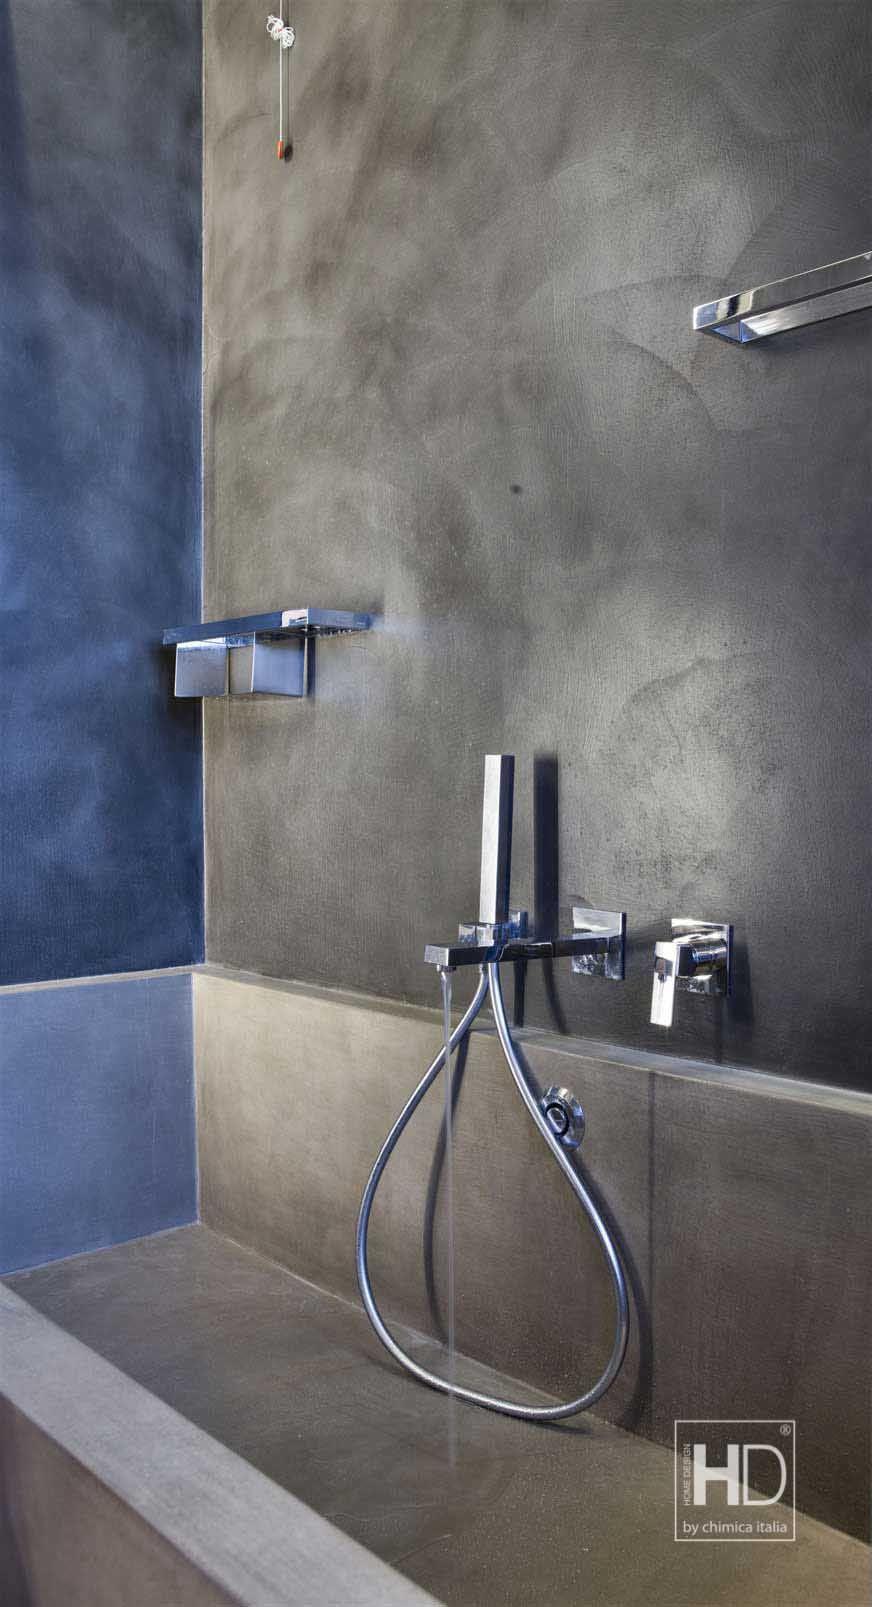 Hd Design Resine.Hd Design Per La Casa Hd Homedesign Resin Resina